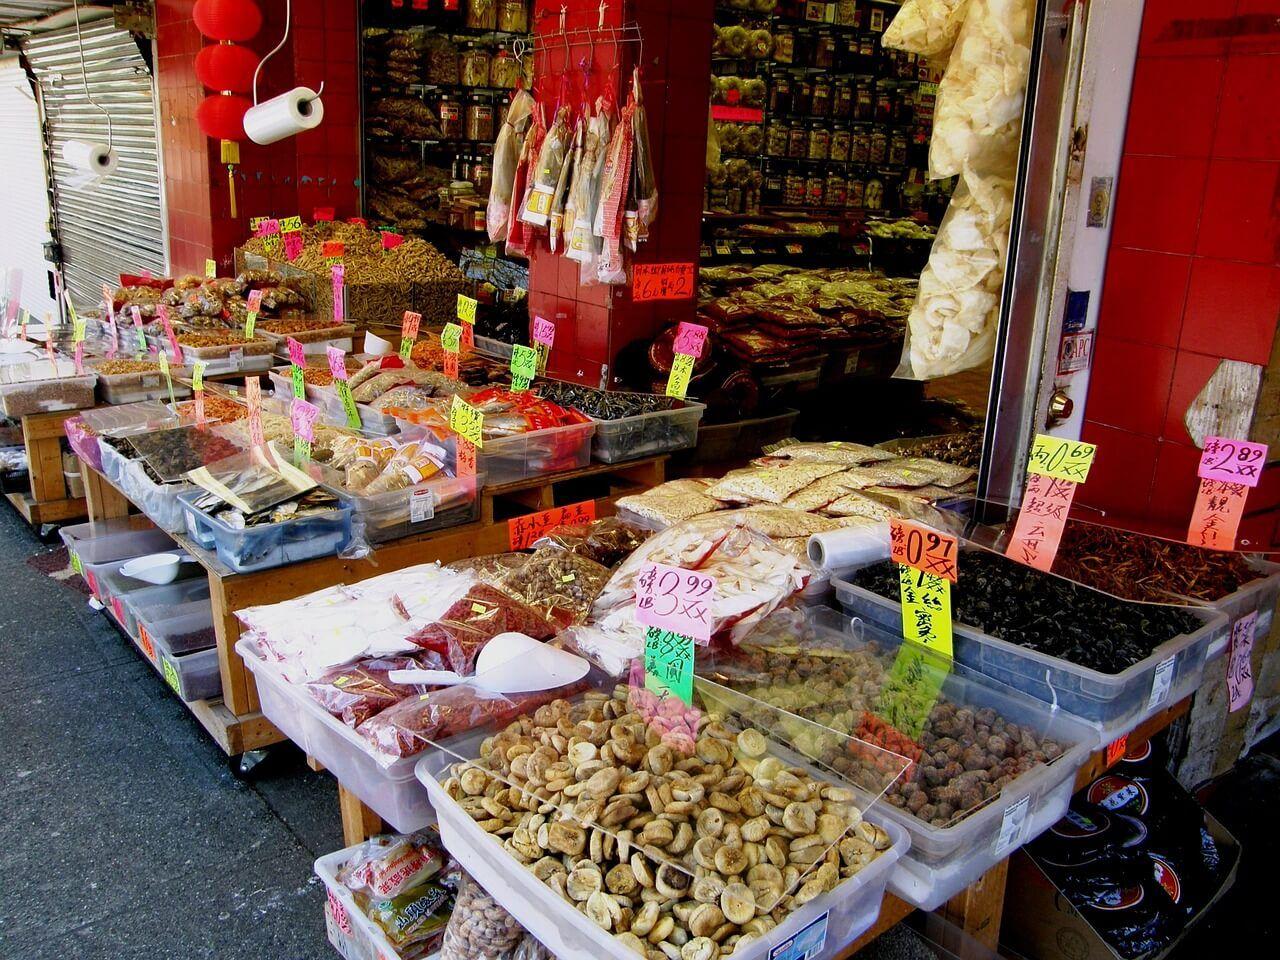 Chinese goods